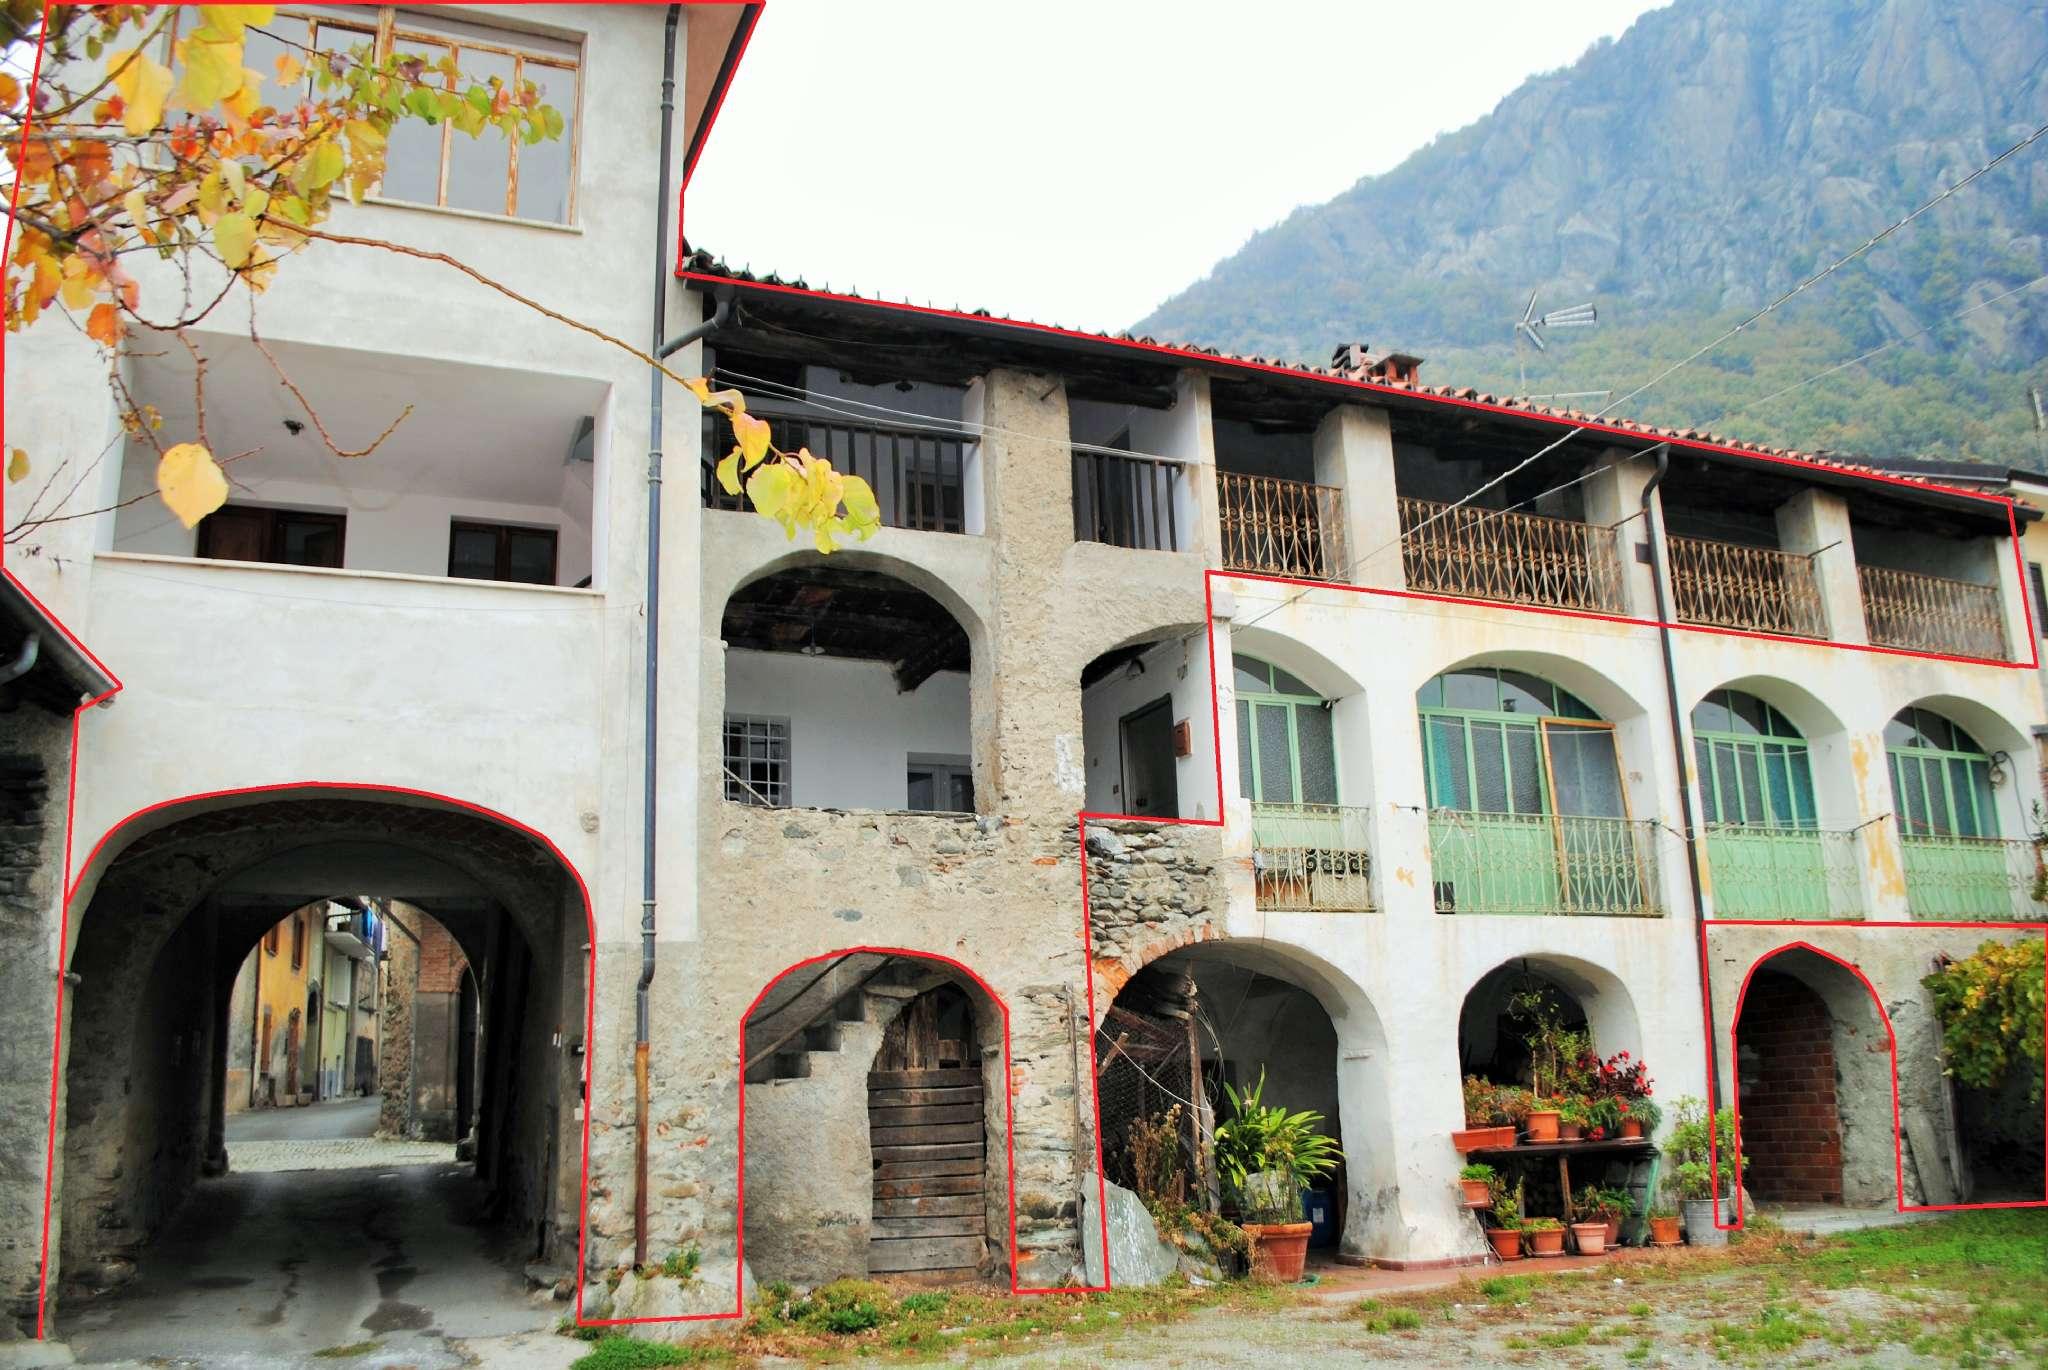 Rustico / Casale in vendita a Caprie, 9 locali, prezzo € 65.000   PortaleAgenzieImmobiliari.it